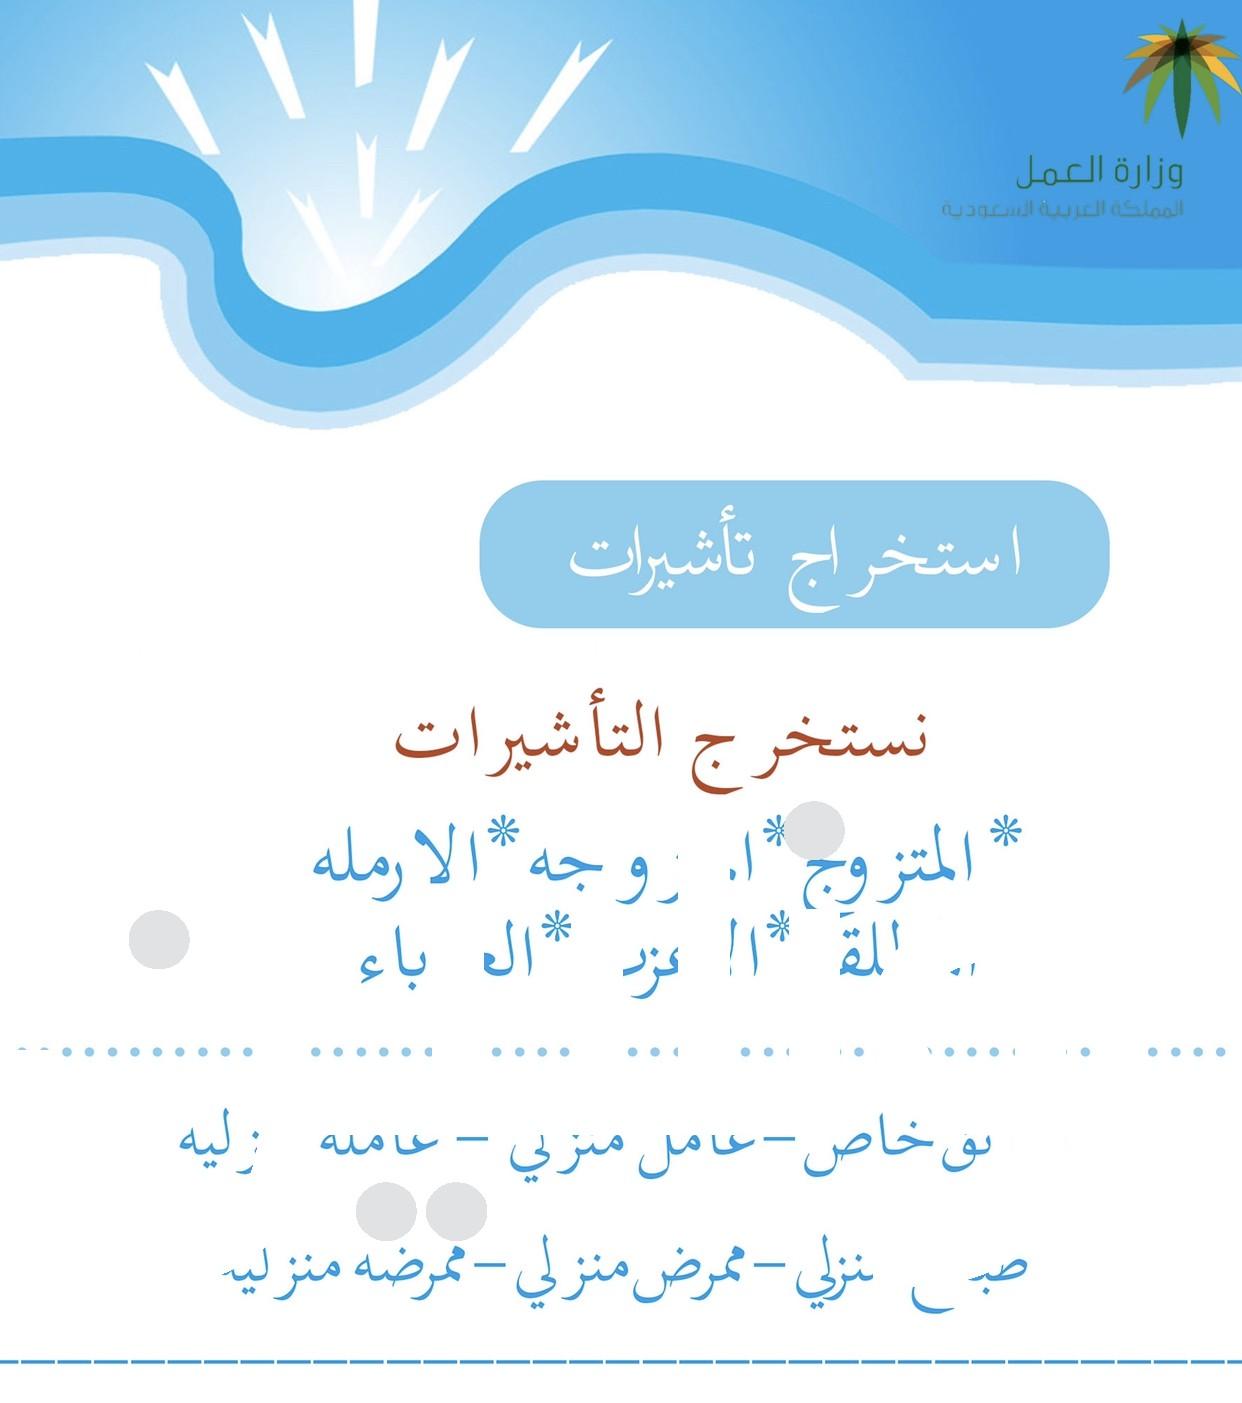 اصدار تاشيرات عماله منزليه فرديه